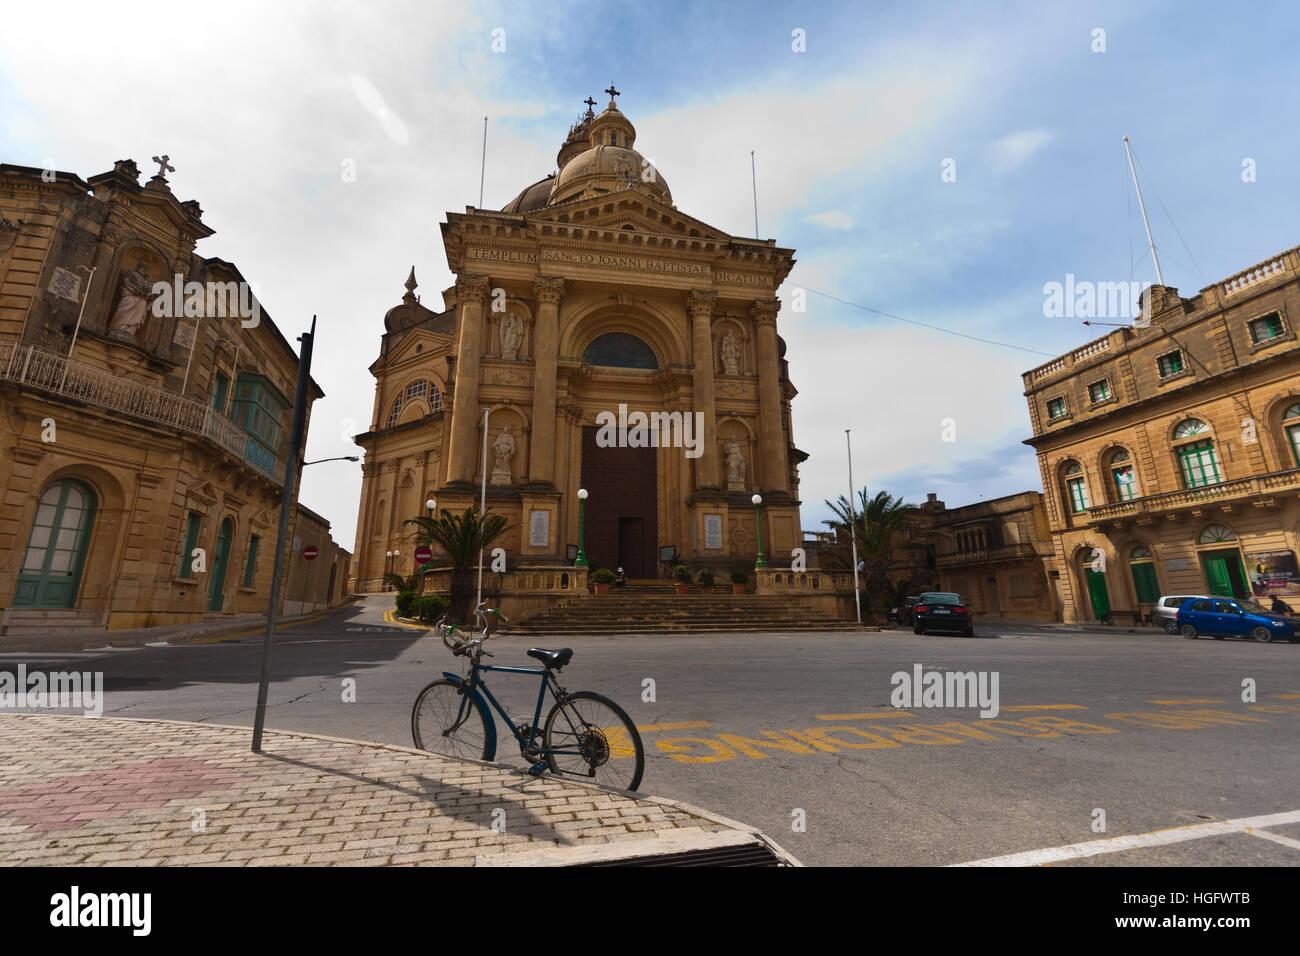 Saint John the Baptist church, Xewkija, Gozo, Malta - Stock Image